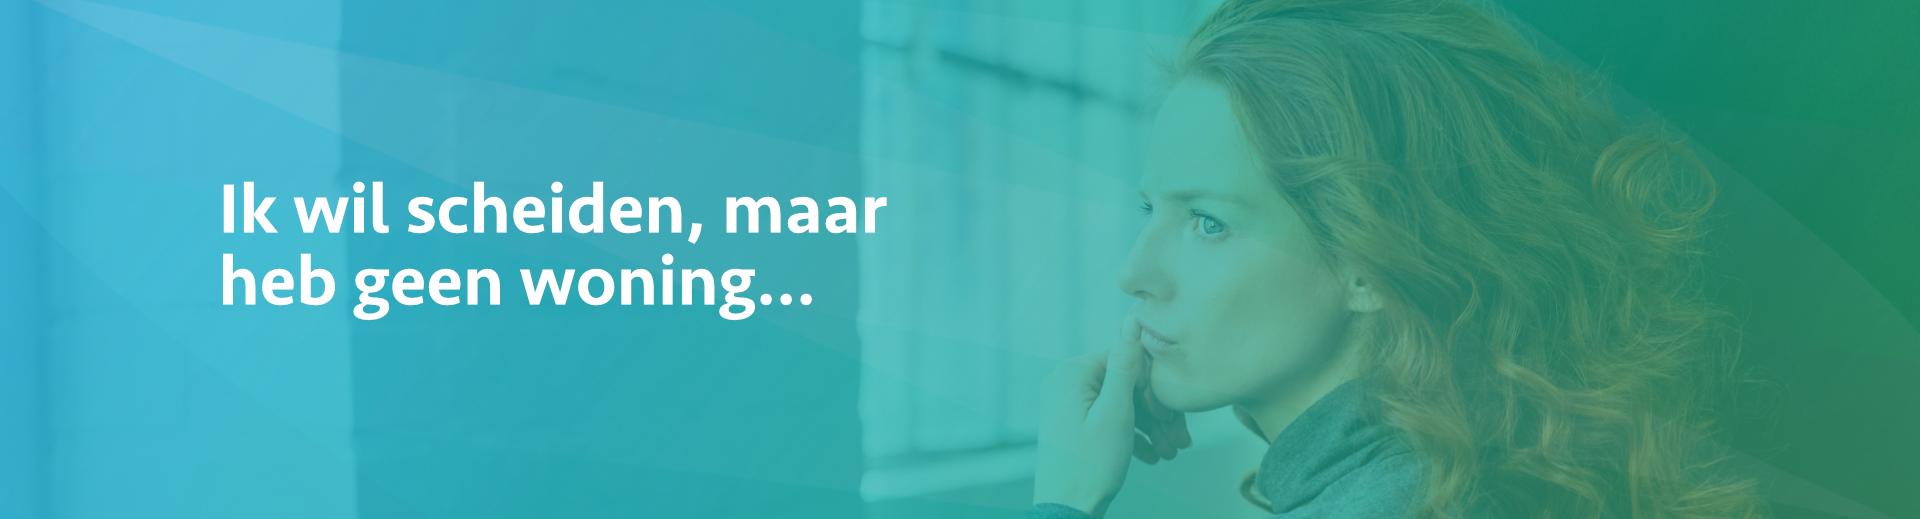 ik wil scheiden maar heb geen woning - Scheidingsplanner Maastricht - Heerlen - Gulpen